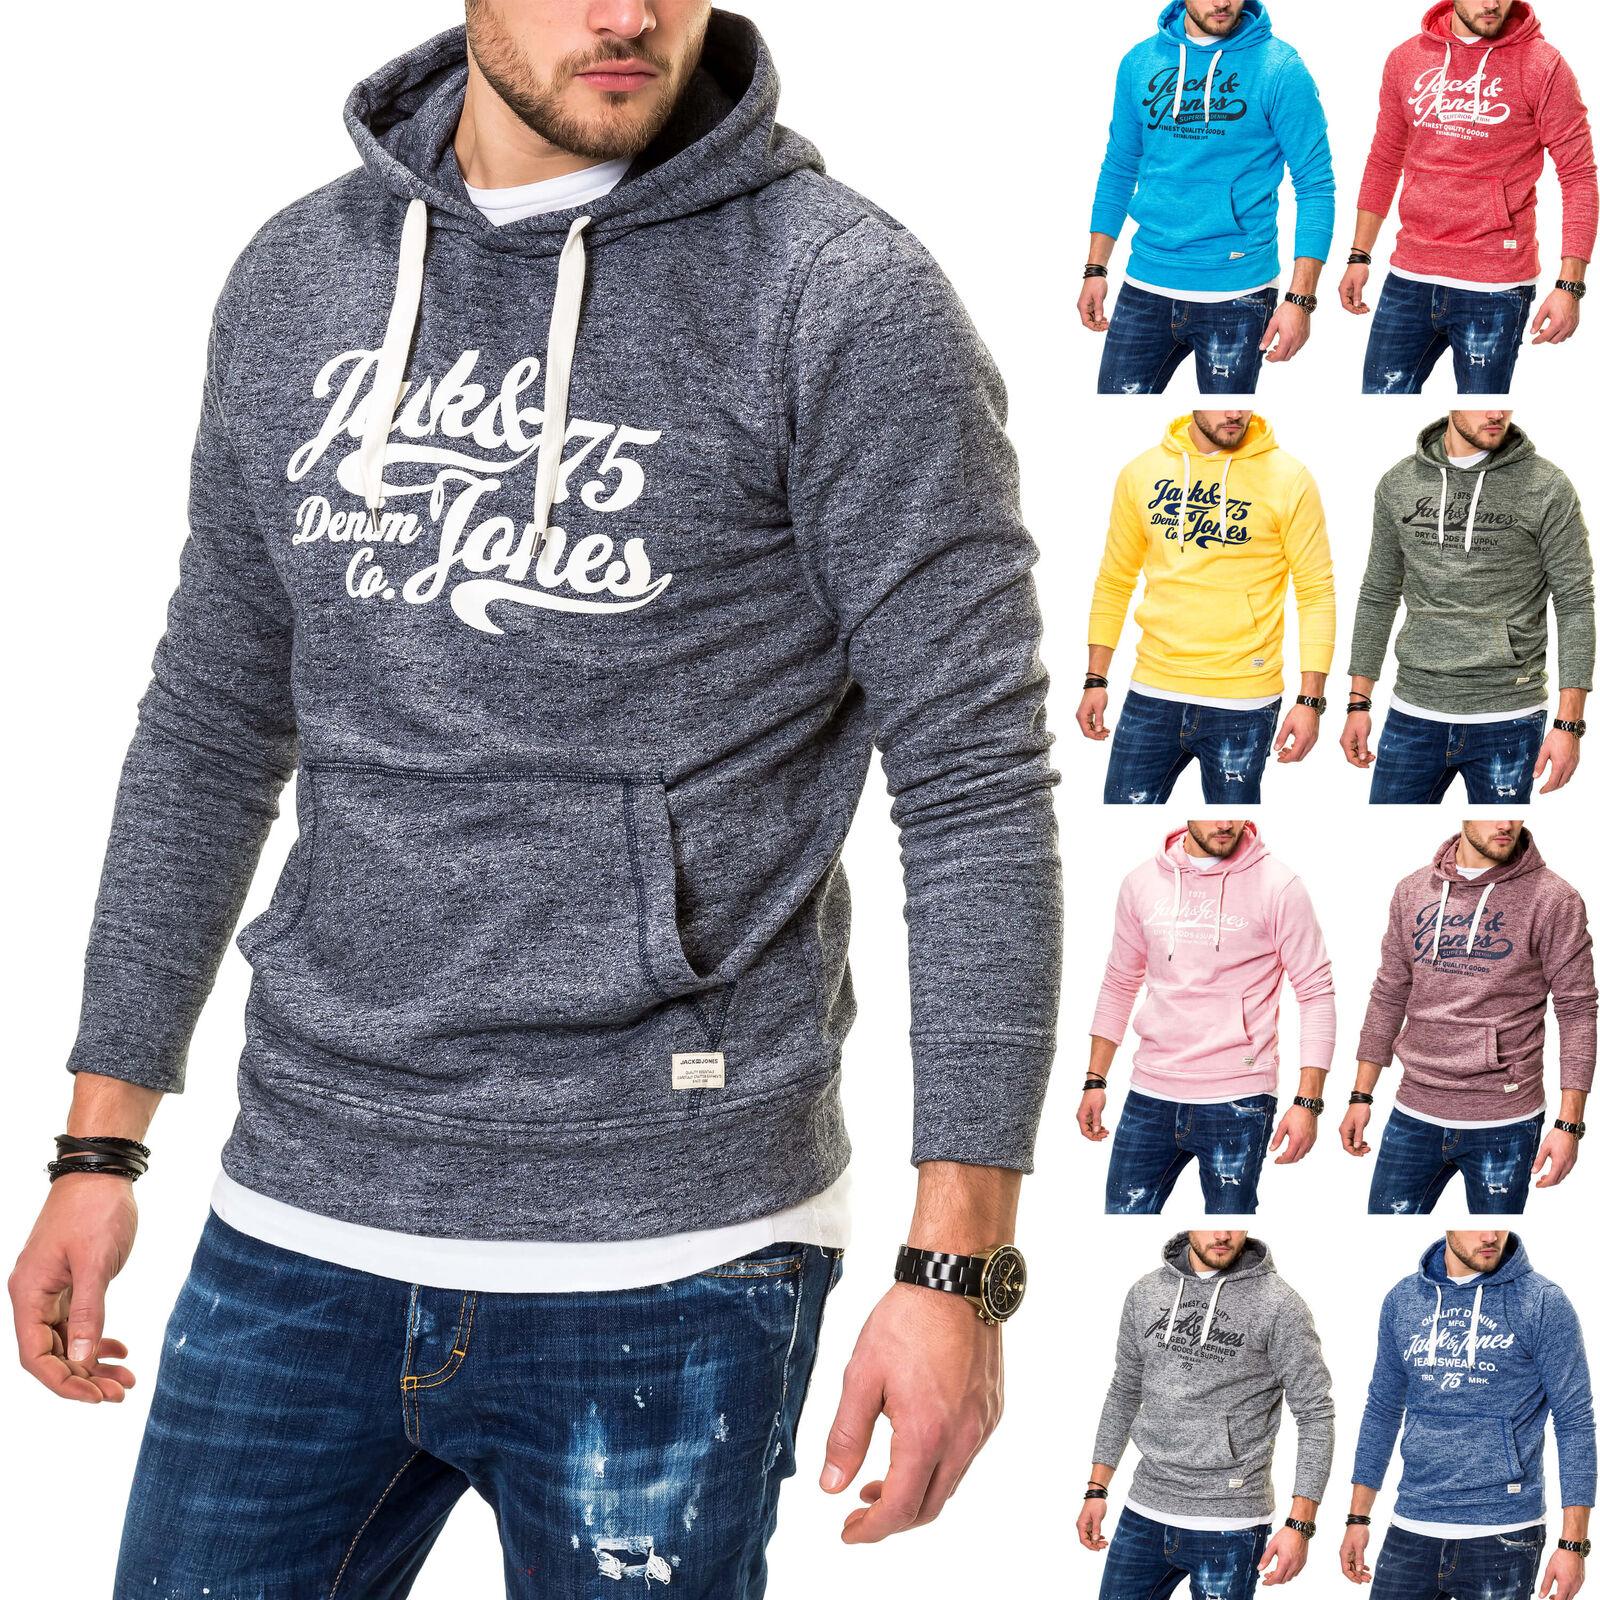 Troyer Sweatshirt 1//4 Zip S M L XL 2XL 3XL Pulli Sweater